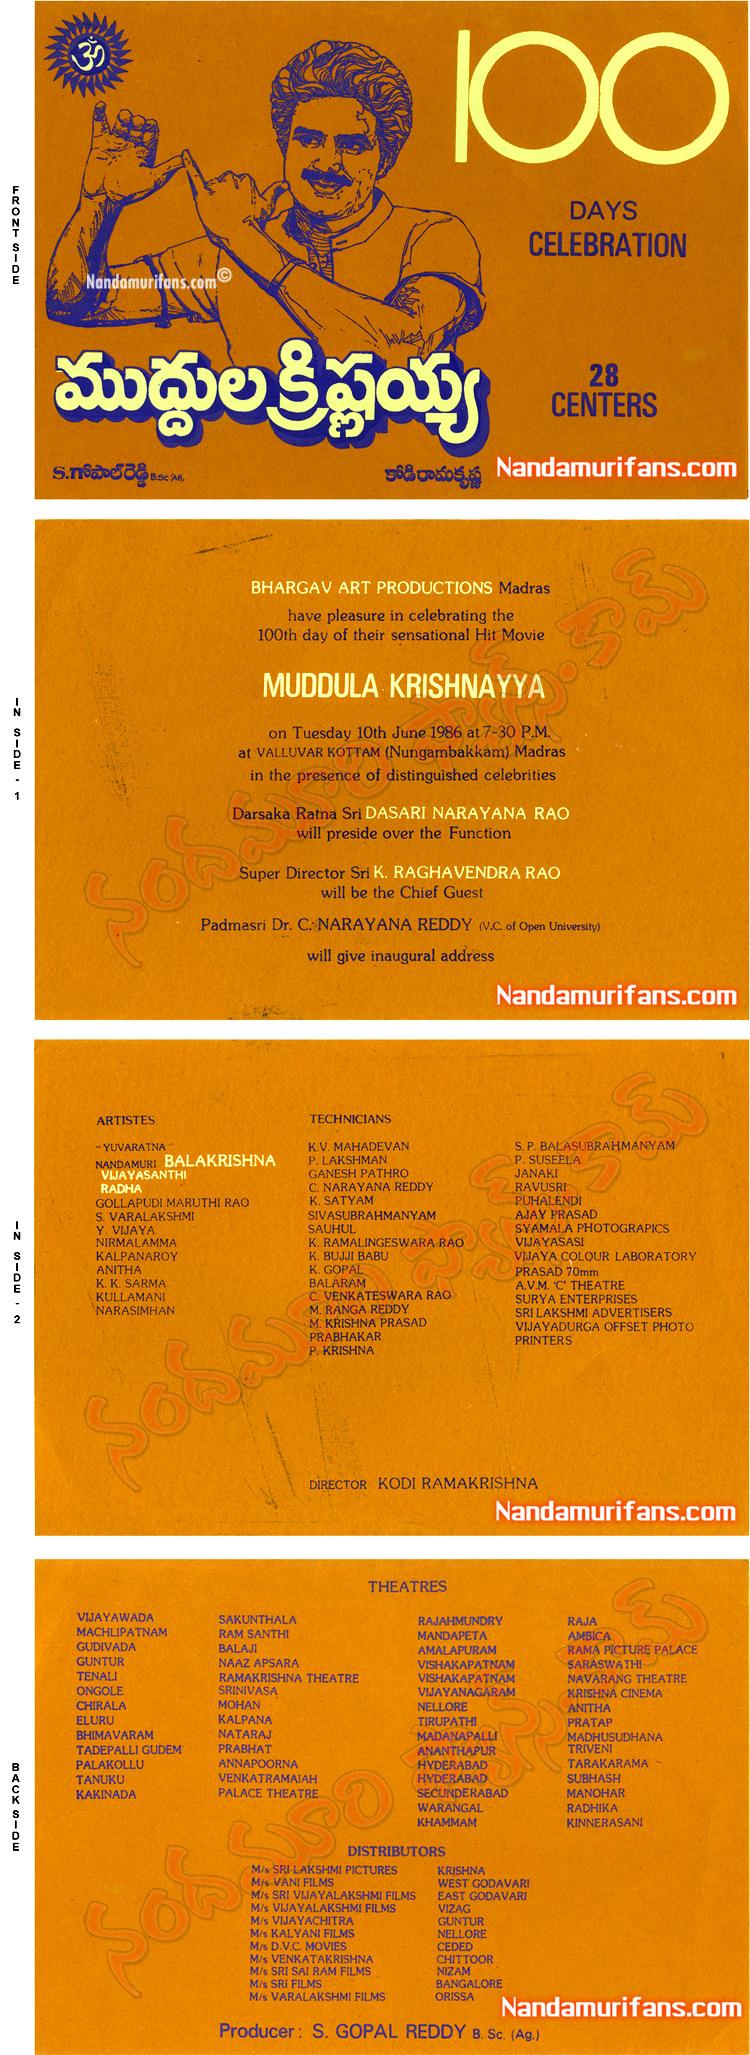 Muddula krishnayya